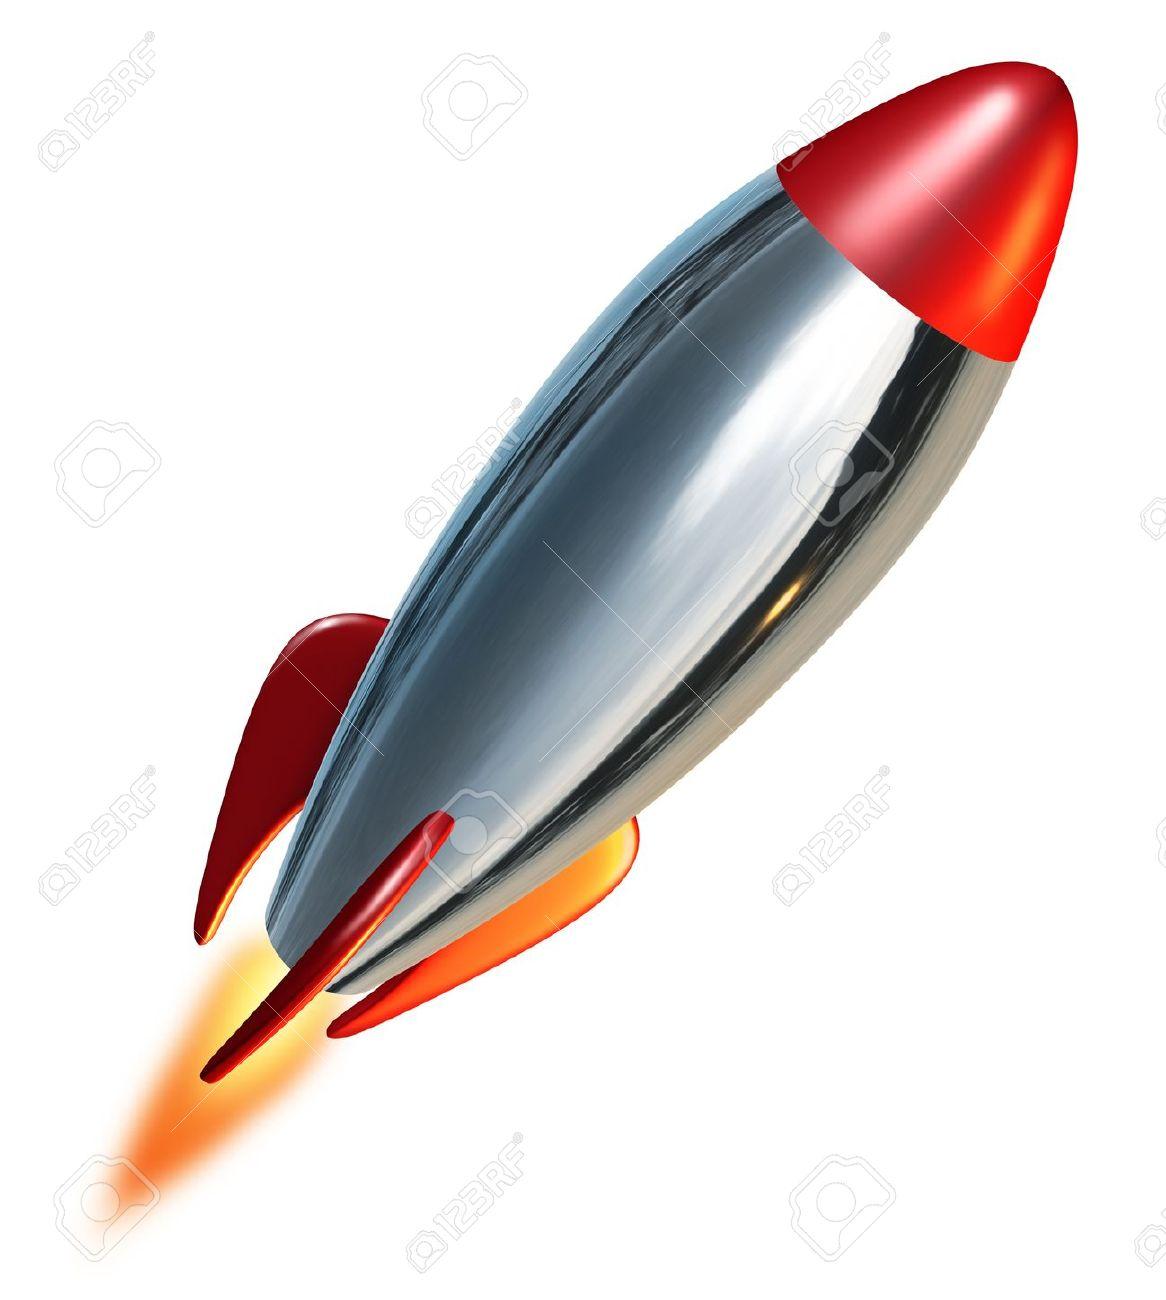 ... Missile Clip Art ... - Missile Clip Art